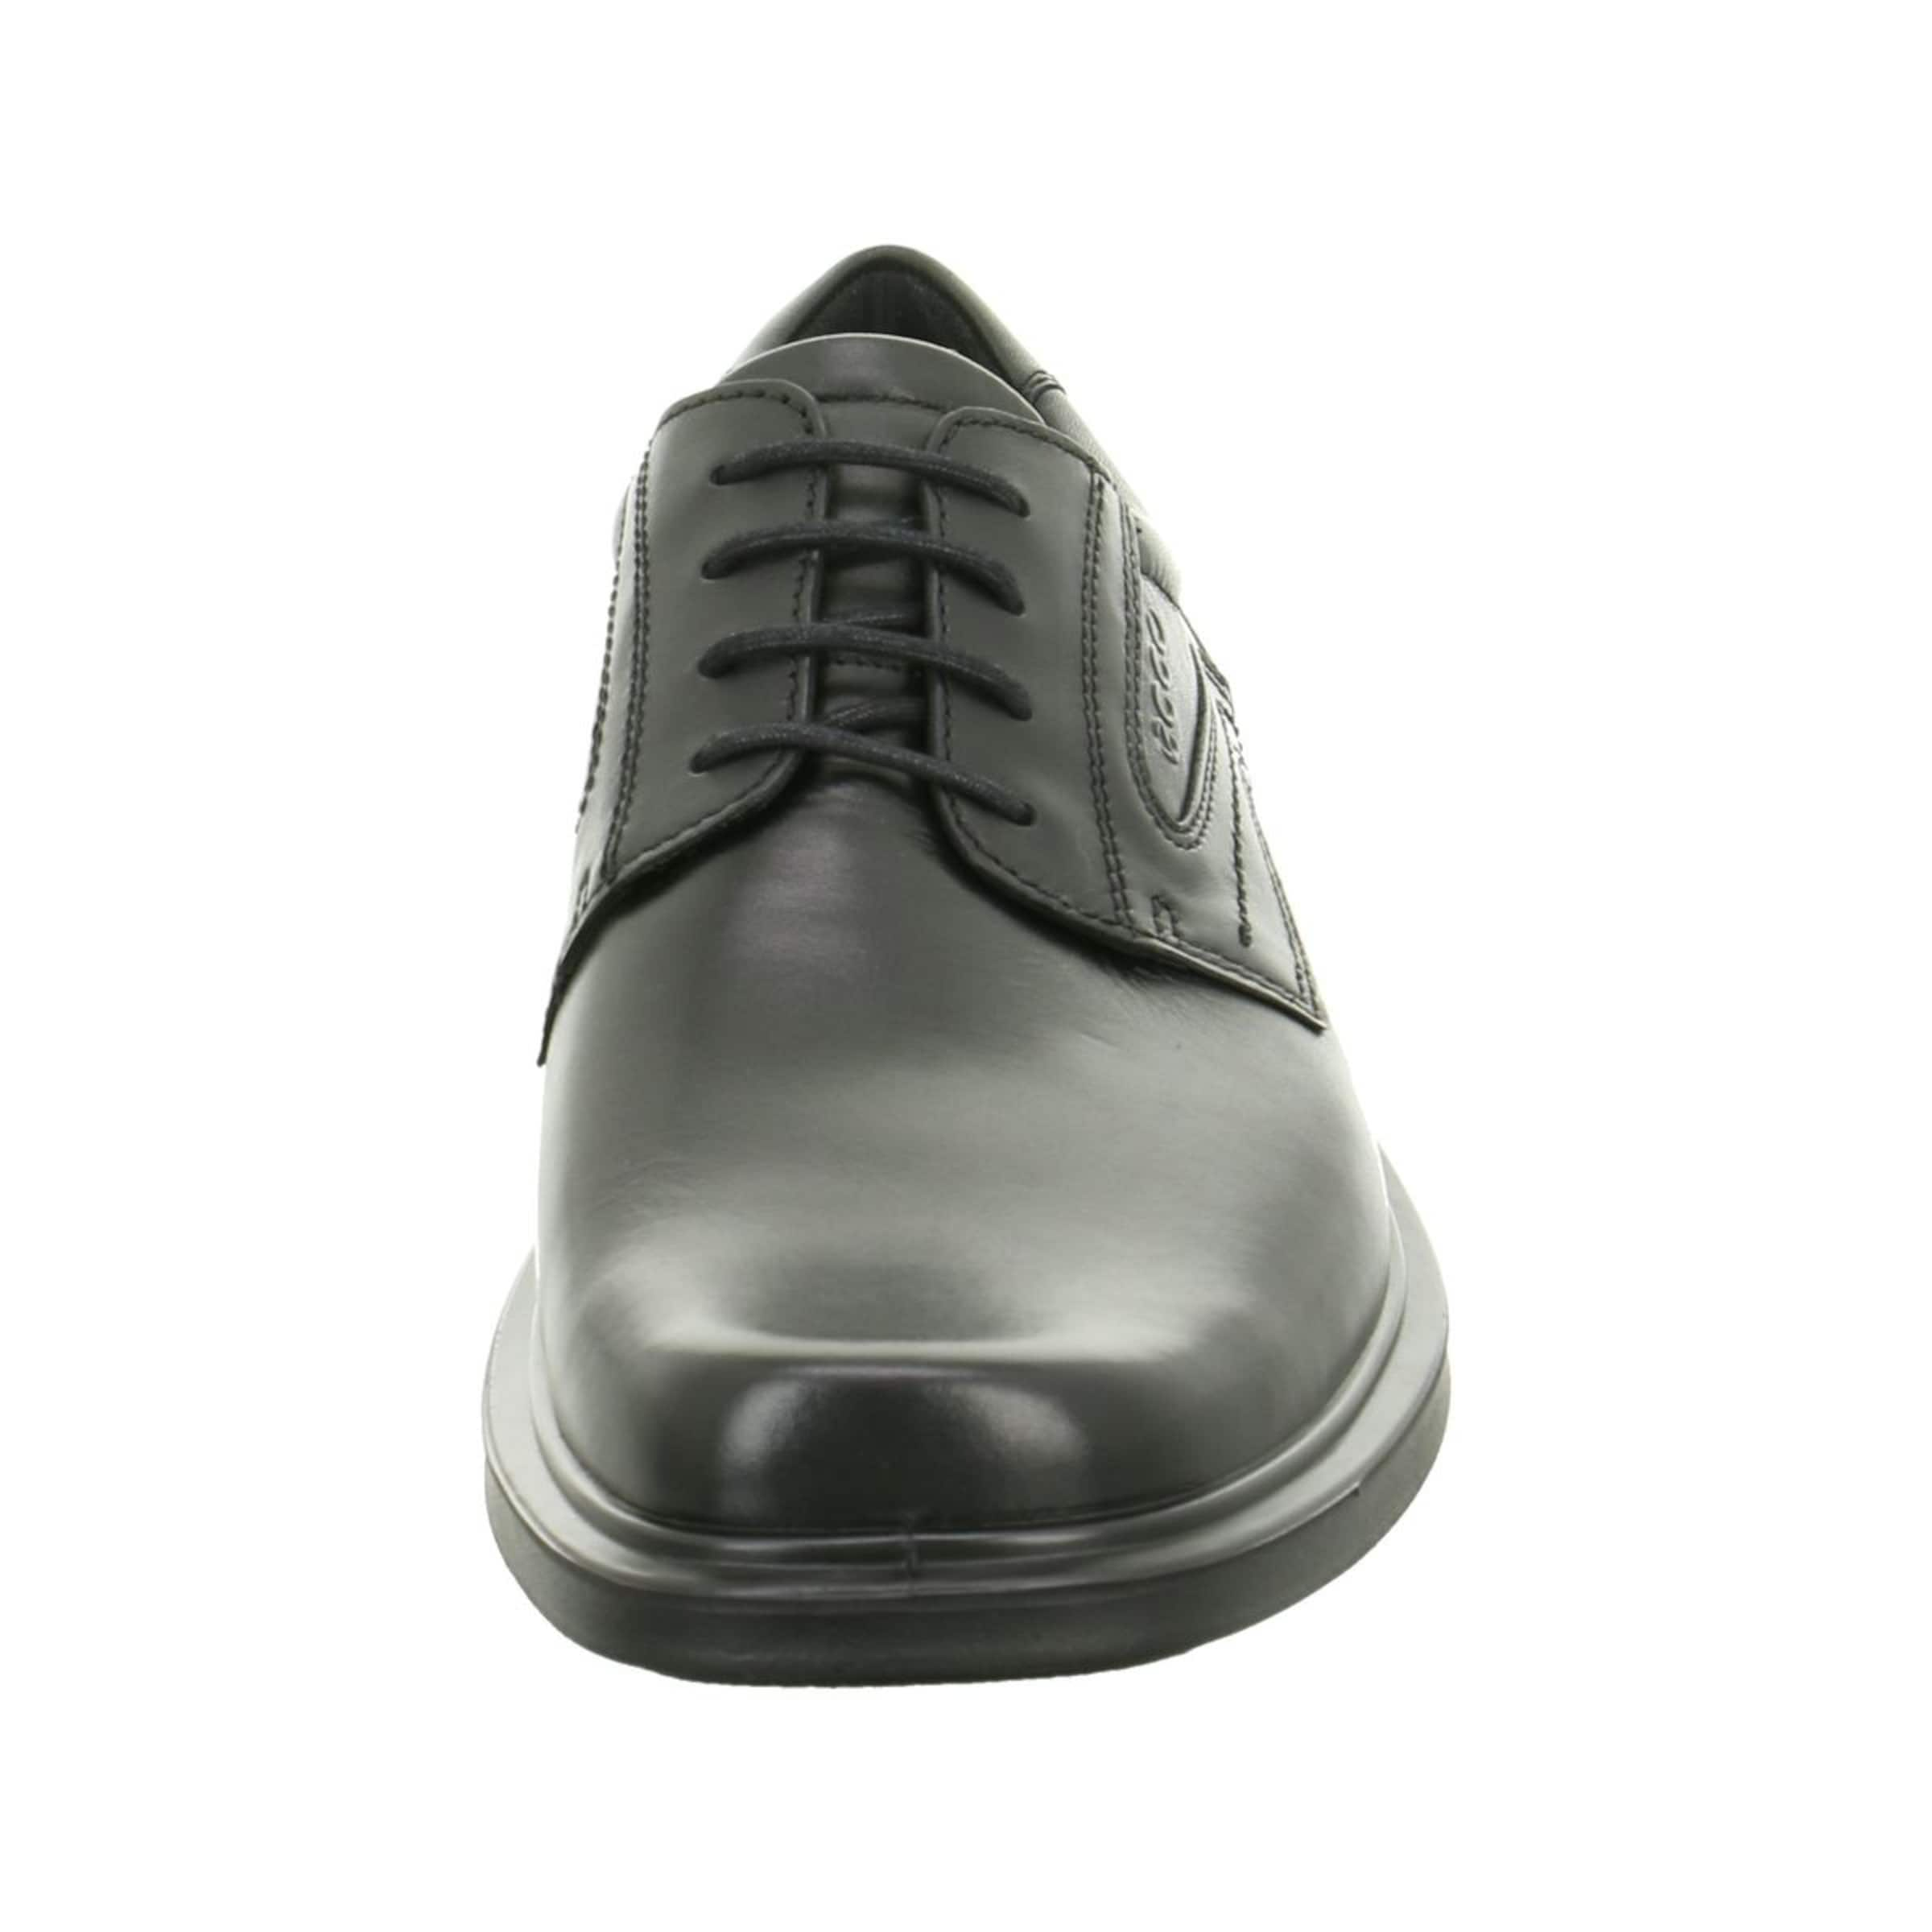 À Noir Lacets En Chaussure Ecco nwX0P8kO